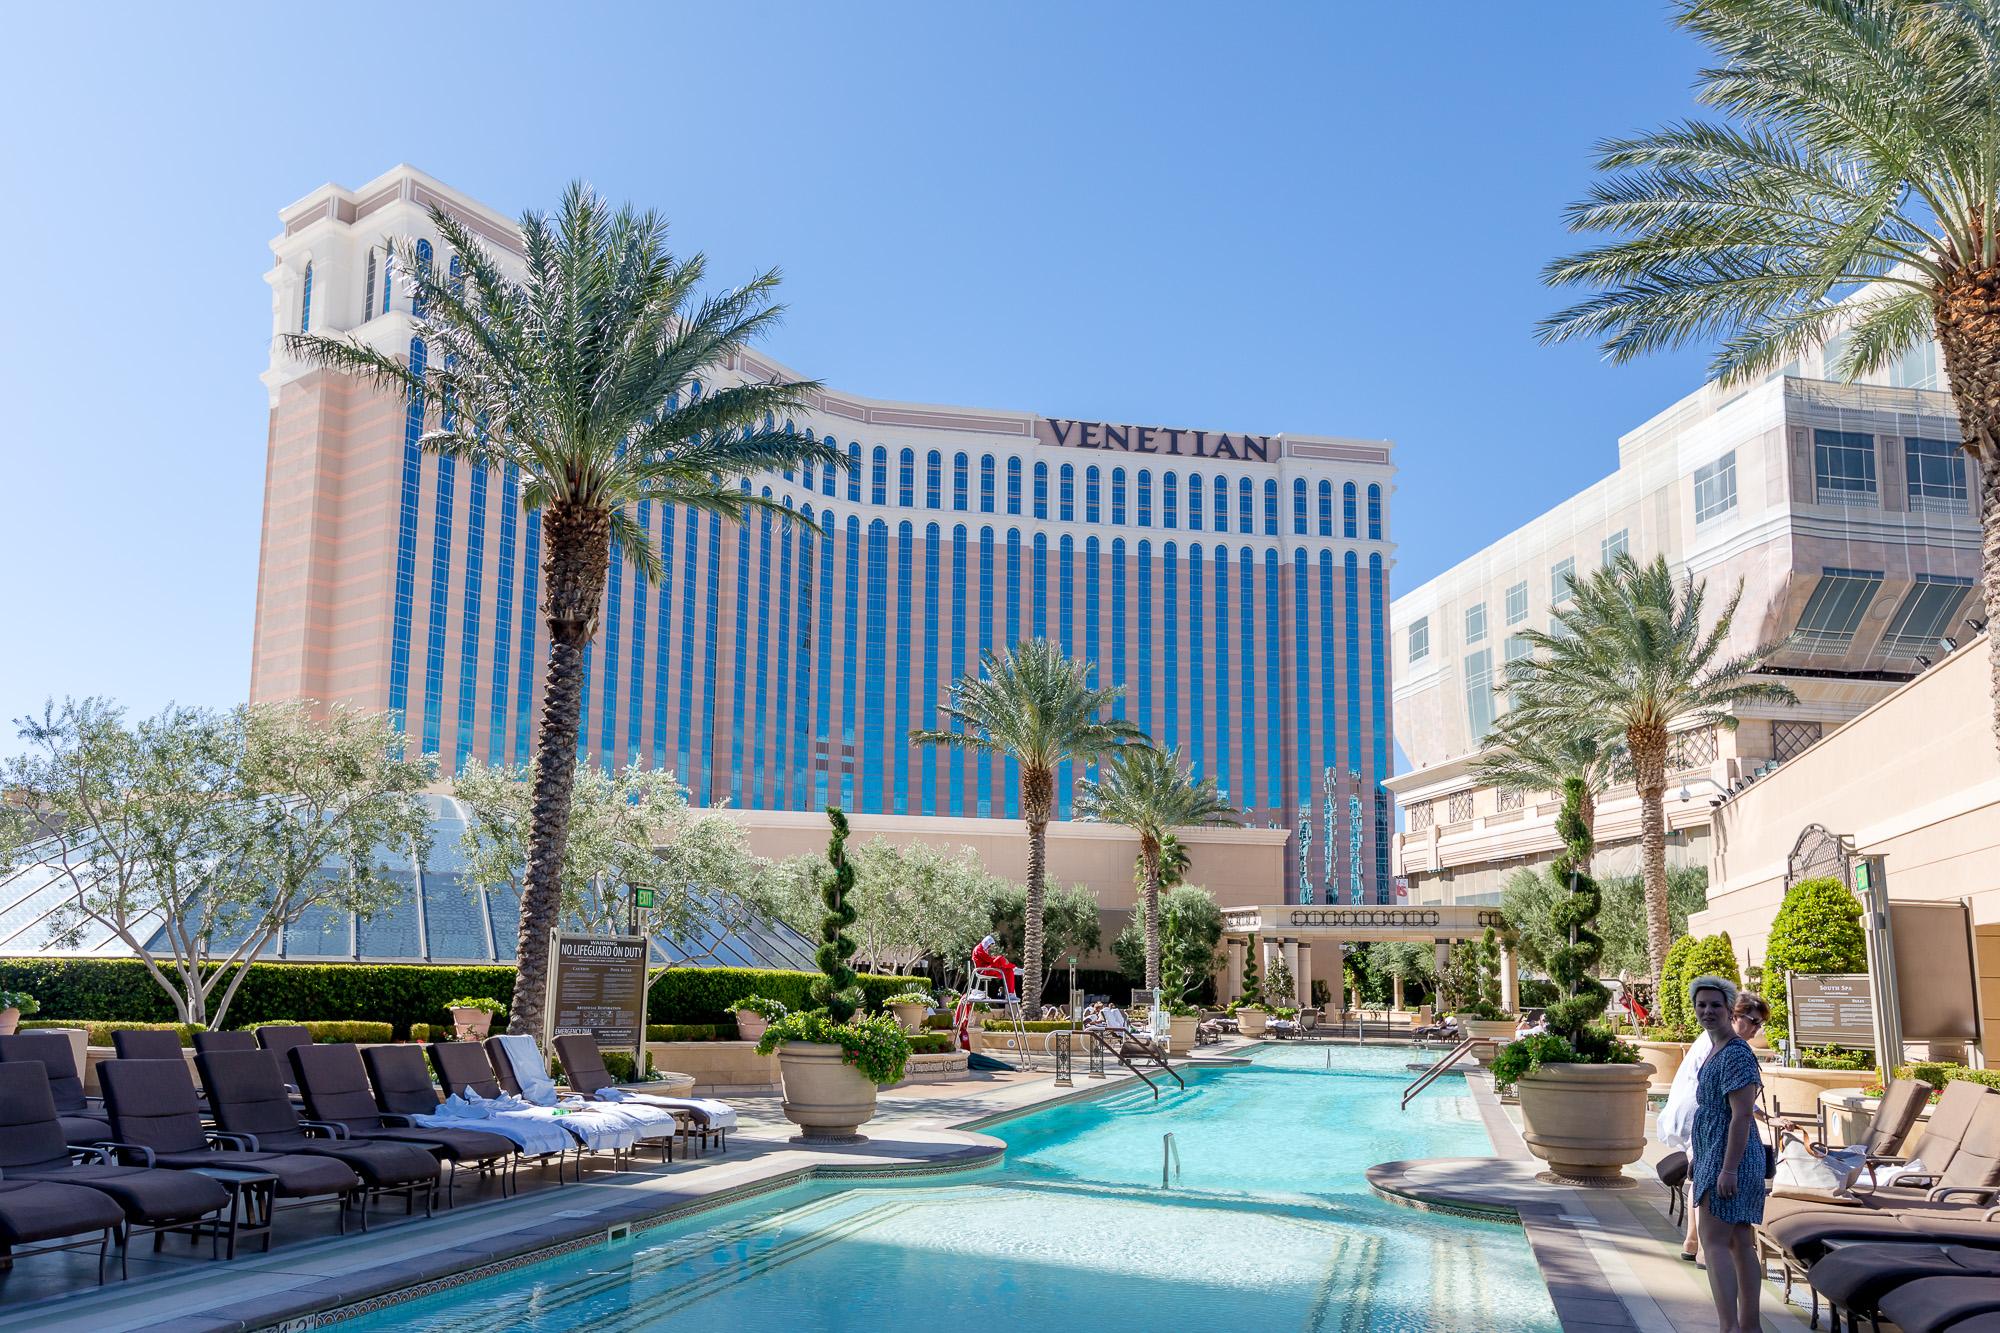 The Venetian: Best Suites in Las Vegas for a Romantic, Couples Trip